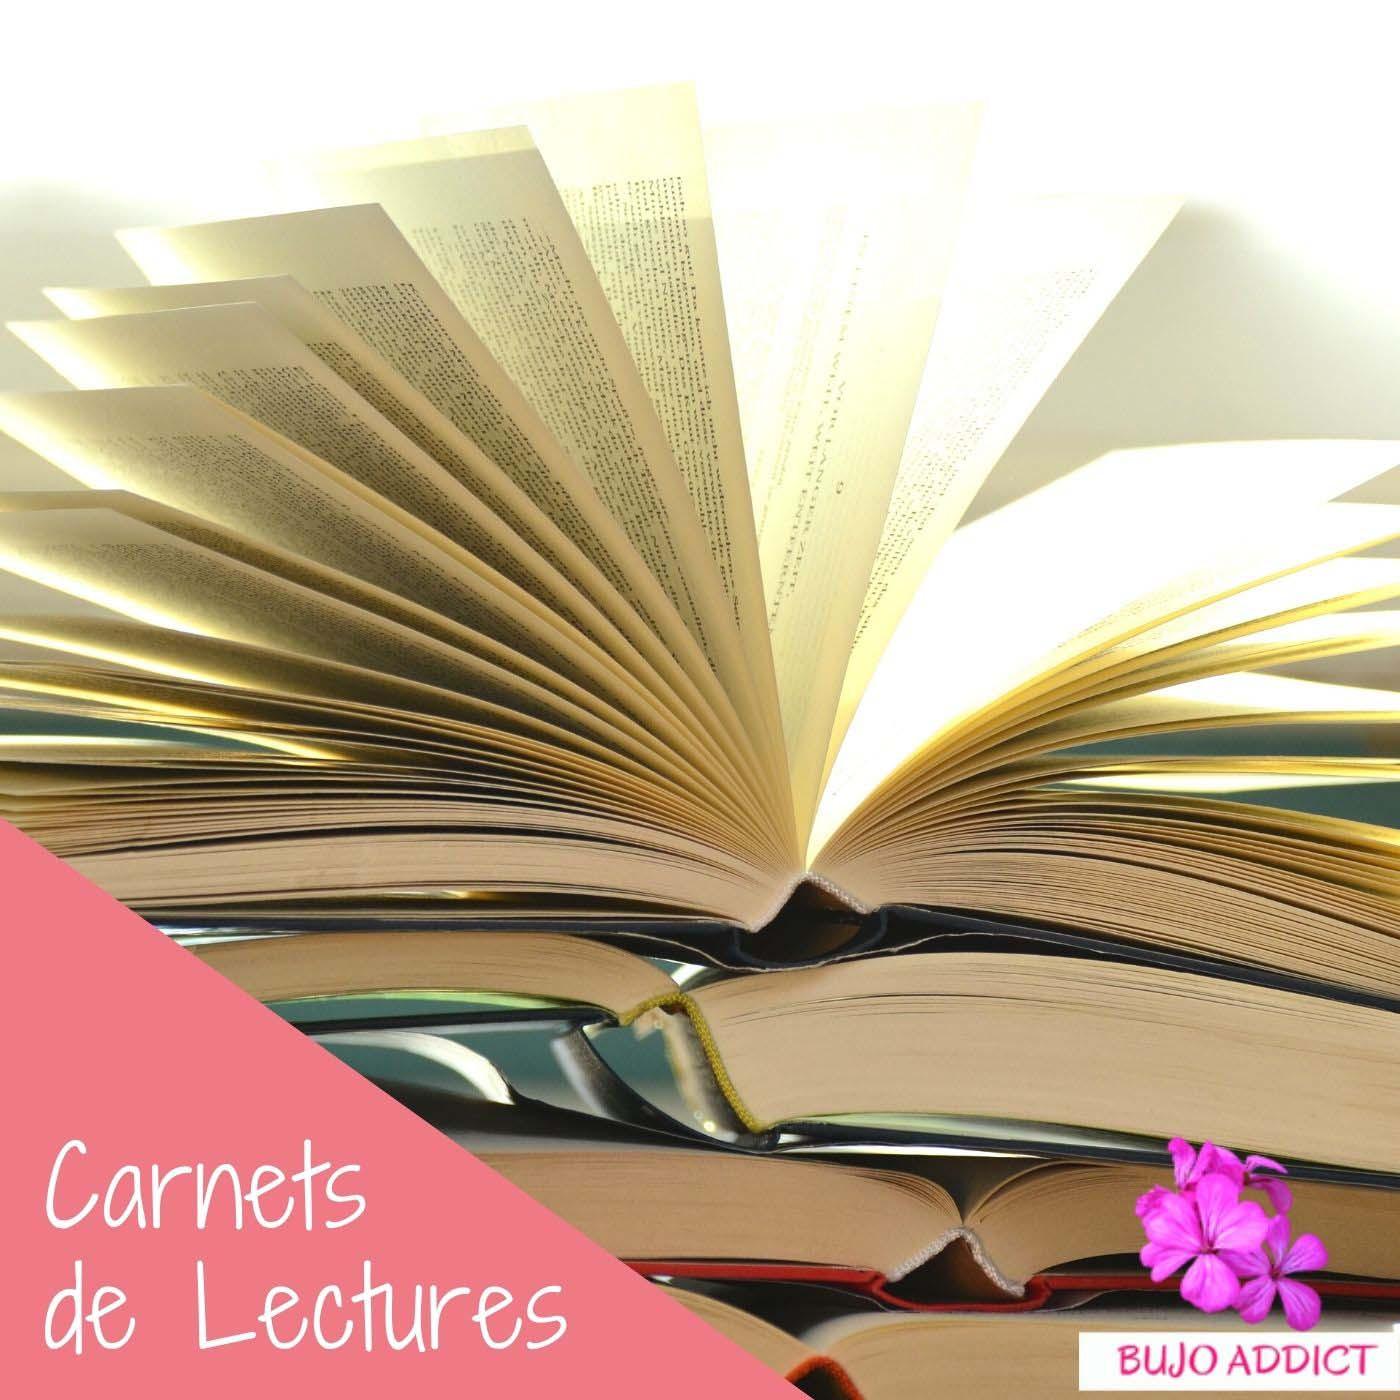 Les Carnets de Lectures